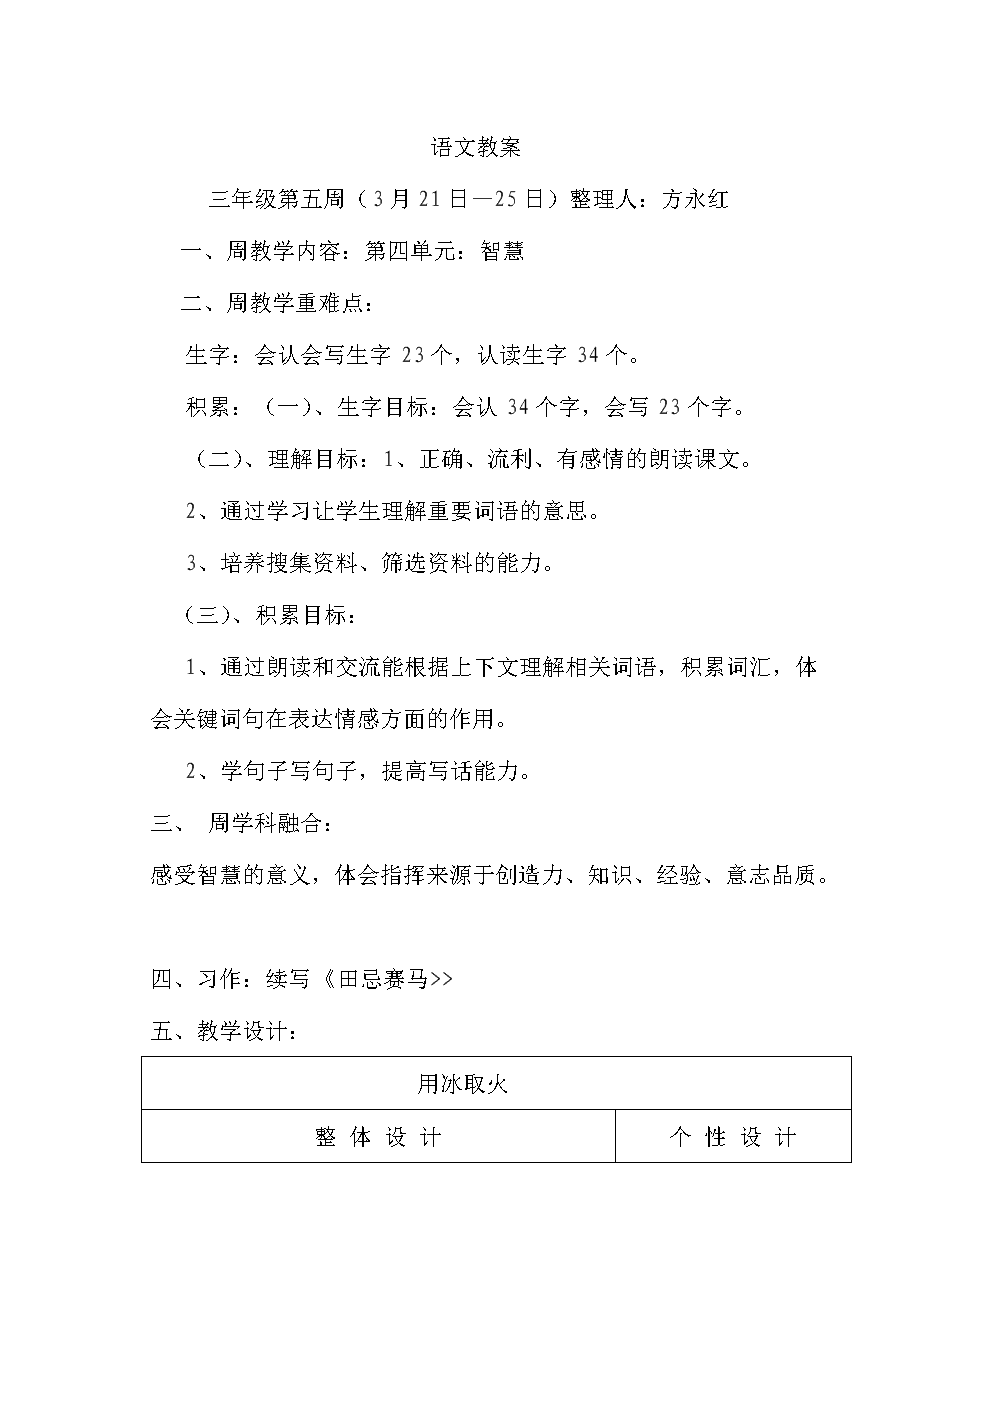 北师大版上册 语文教案3年级5周 【通用】.doc